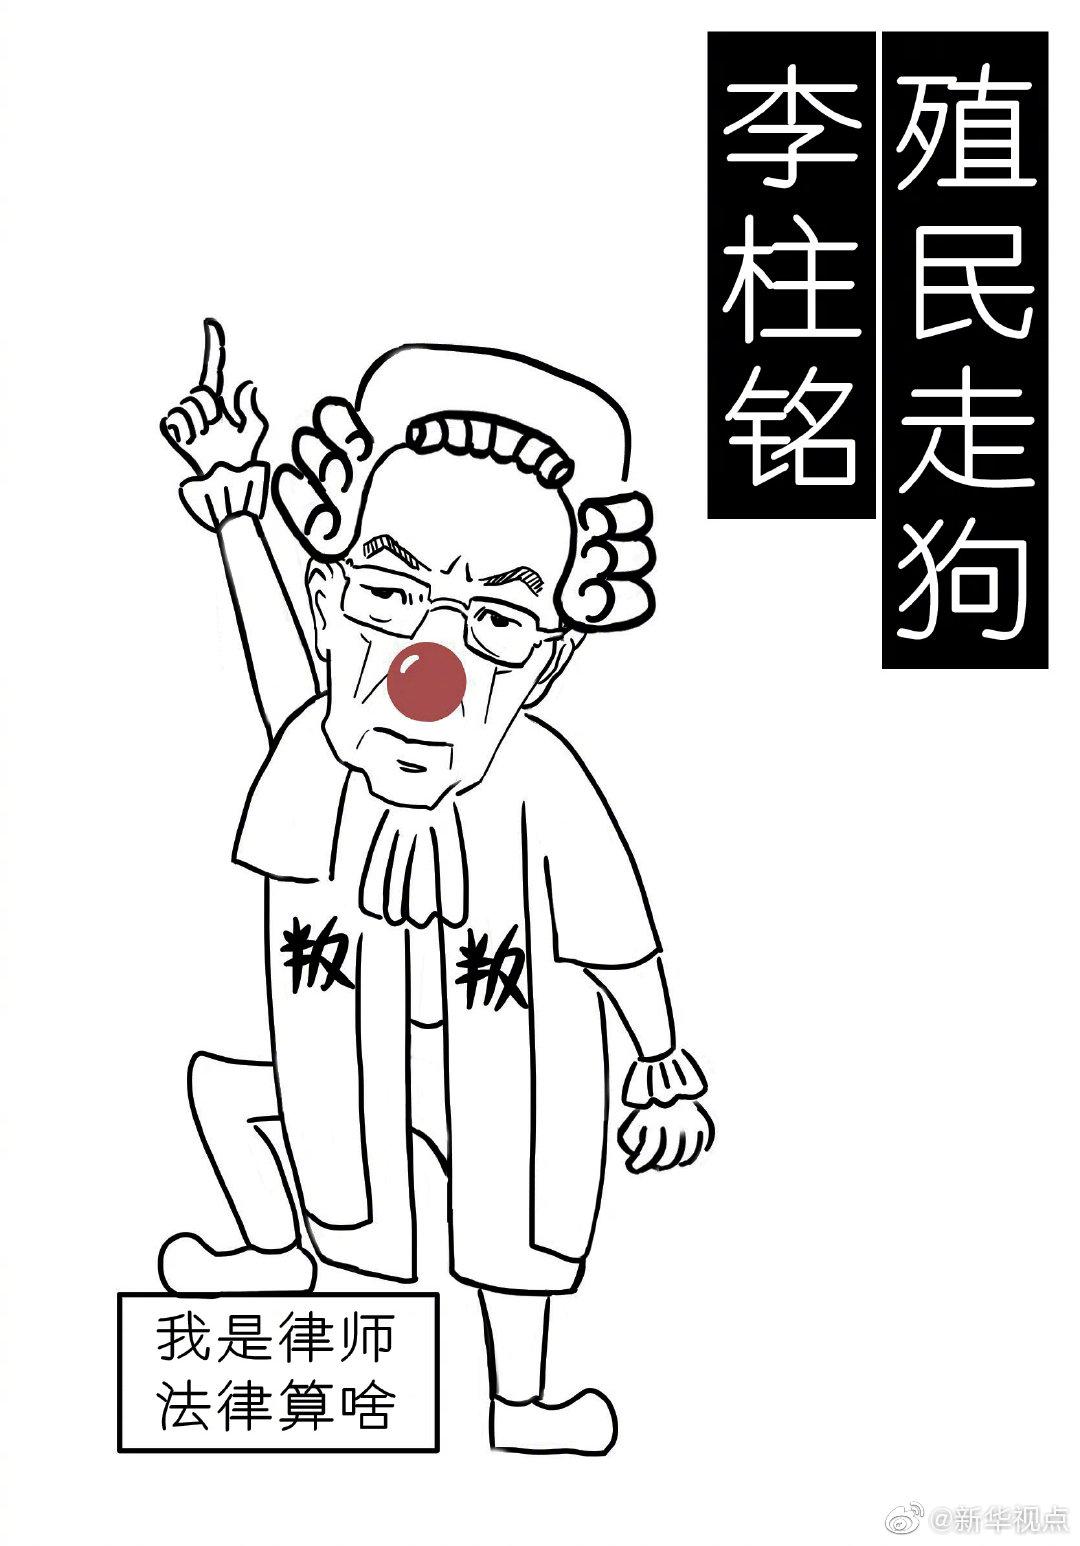 """不止乱港祸港 """"祸港四人帮""""添新罪:叛国"""